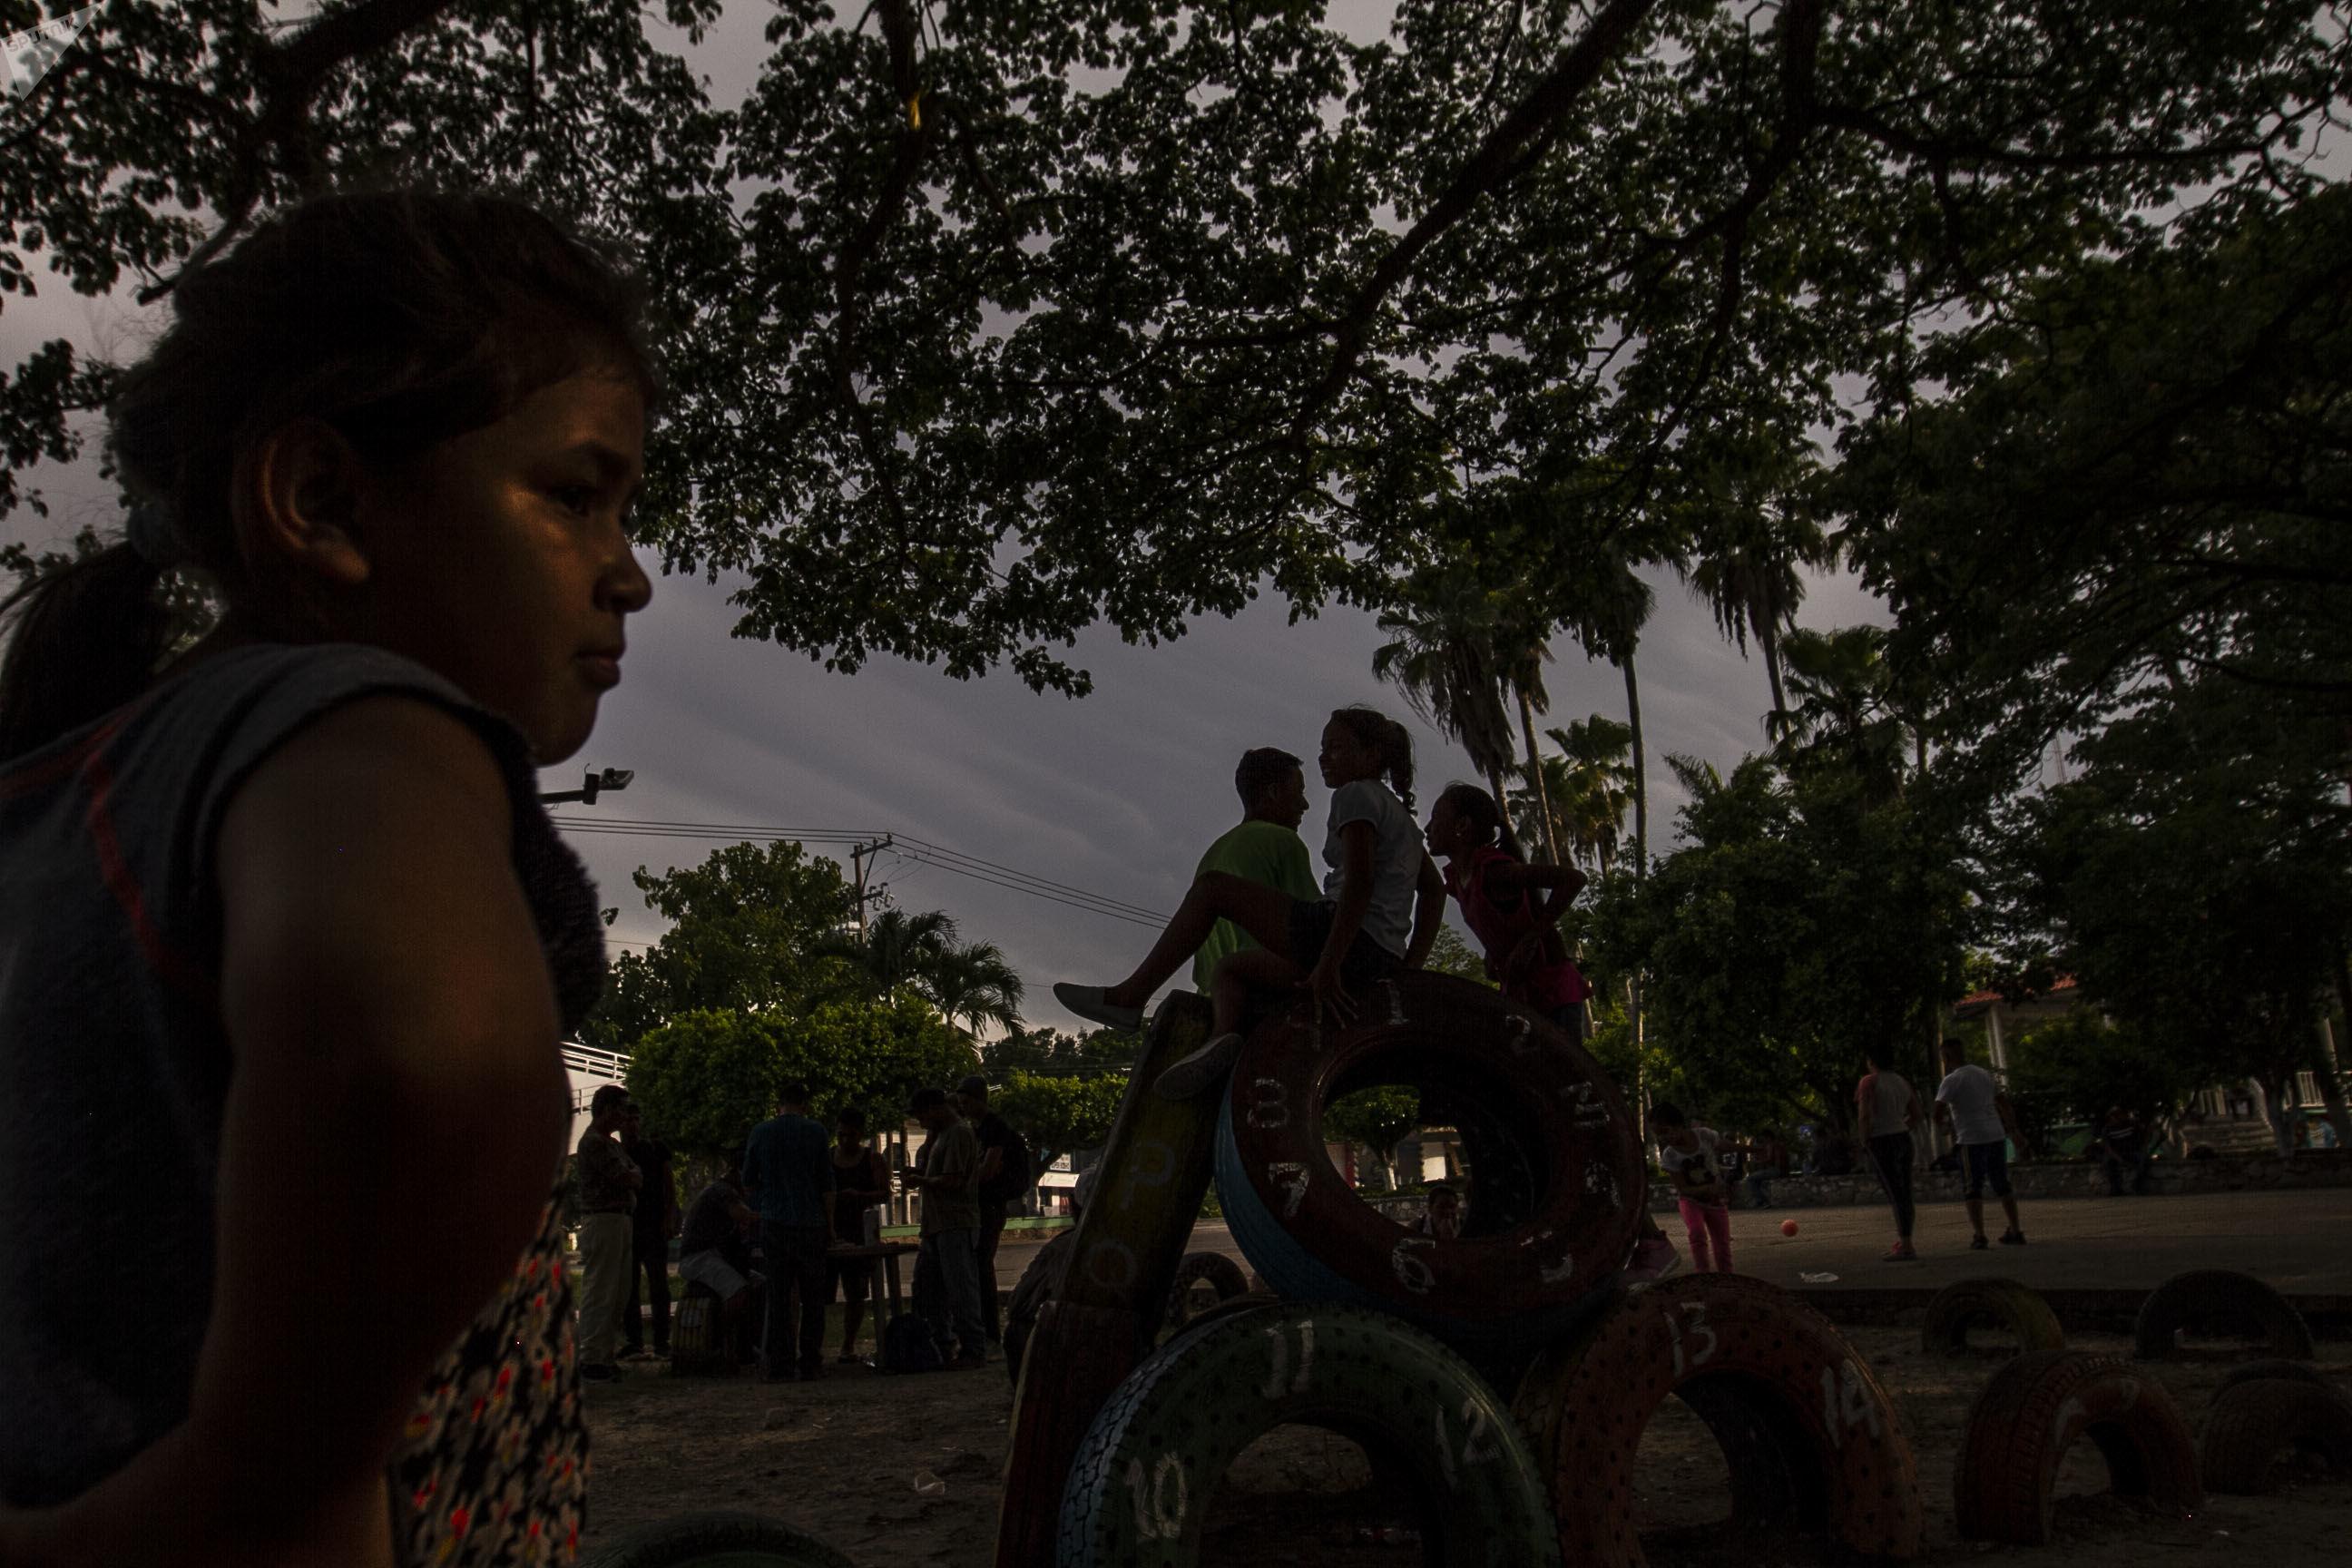 Con más de tres semanas en espera en la resolución de solicitud de refugio en México, migrantes centroamericanos permanecen en la calle durante el día internacional de las personas refugiadas